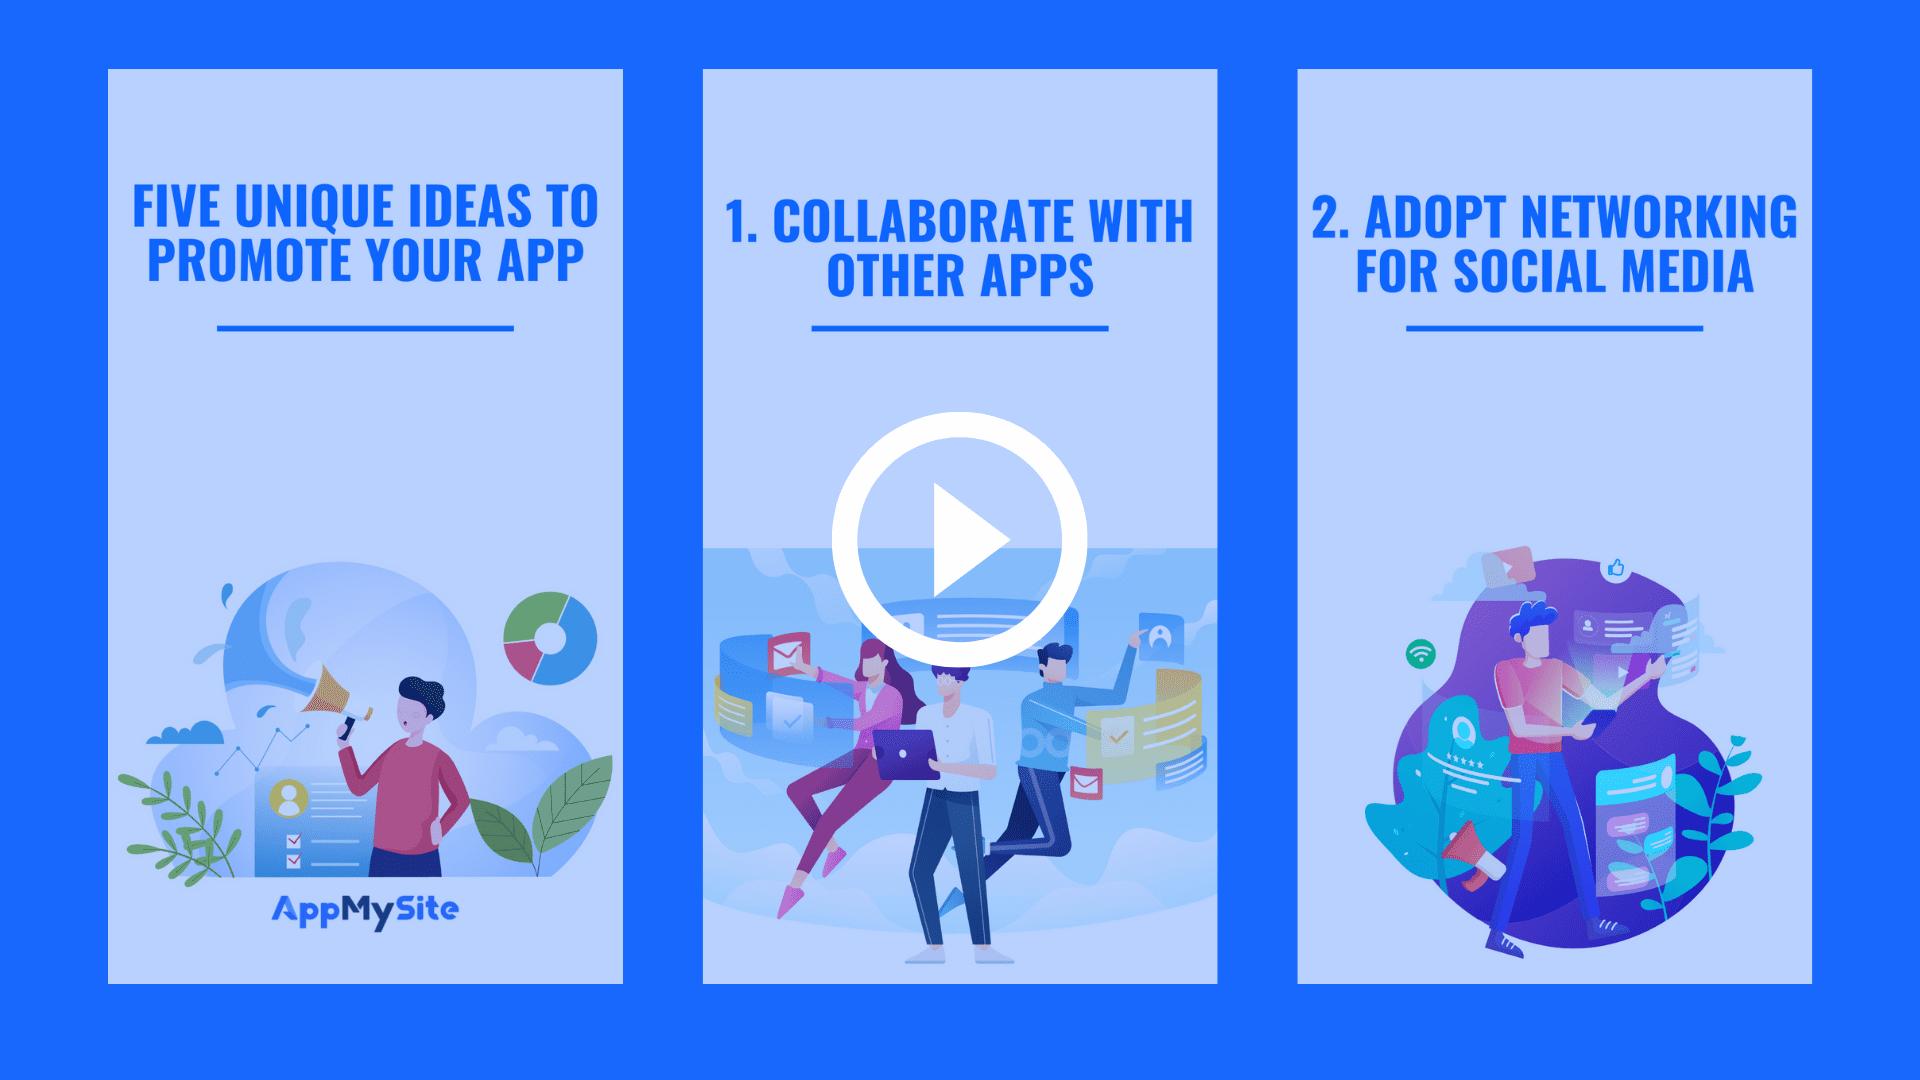 Five unique ideas to promote your app